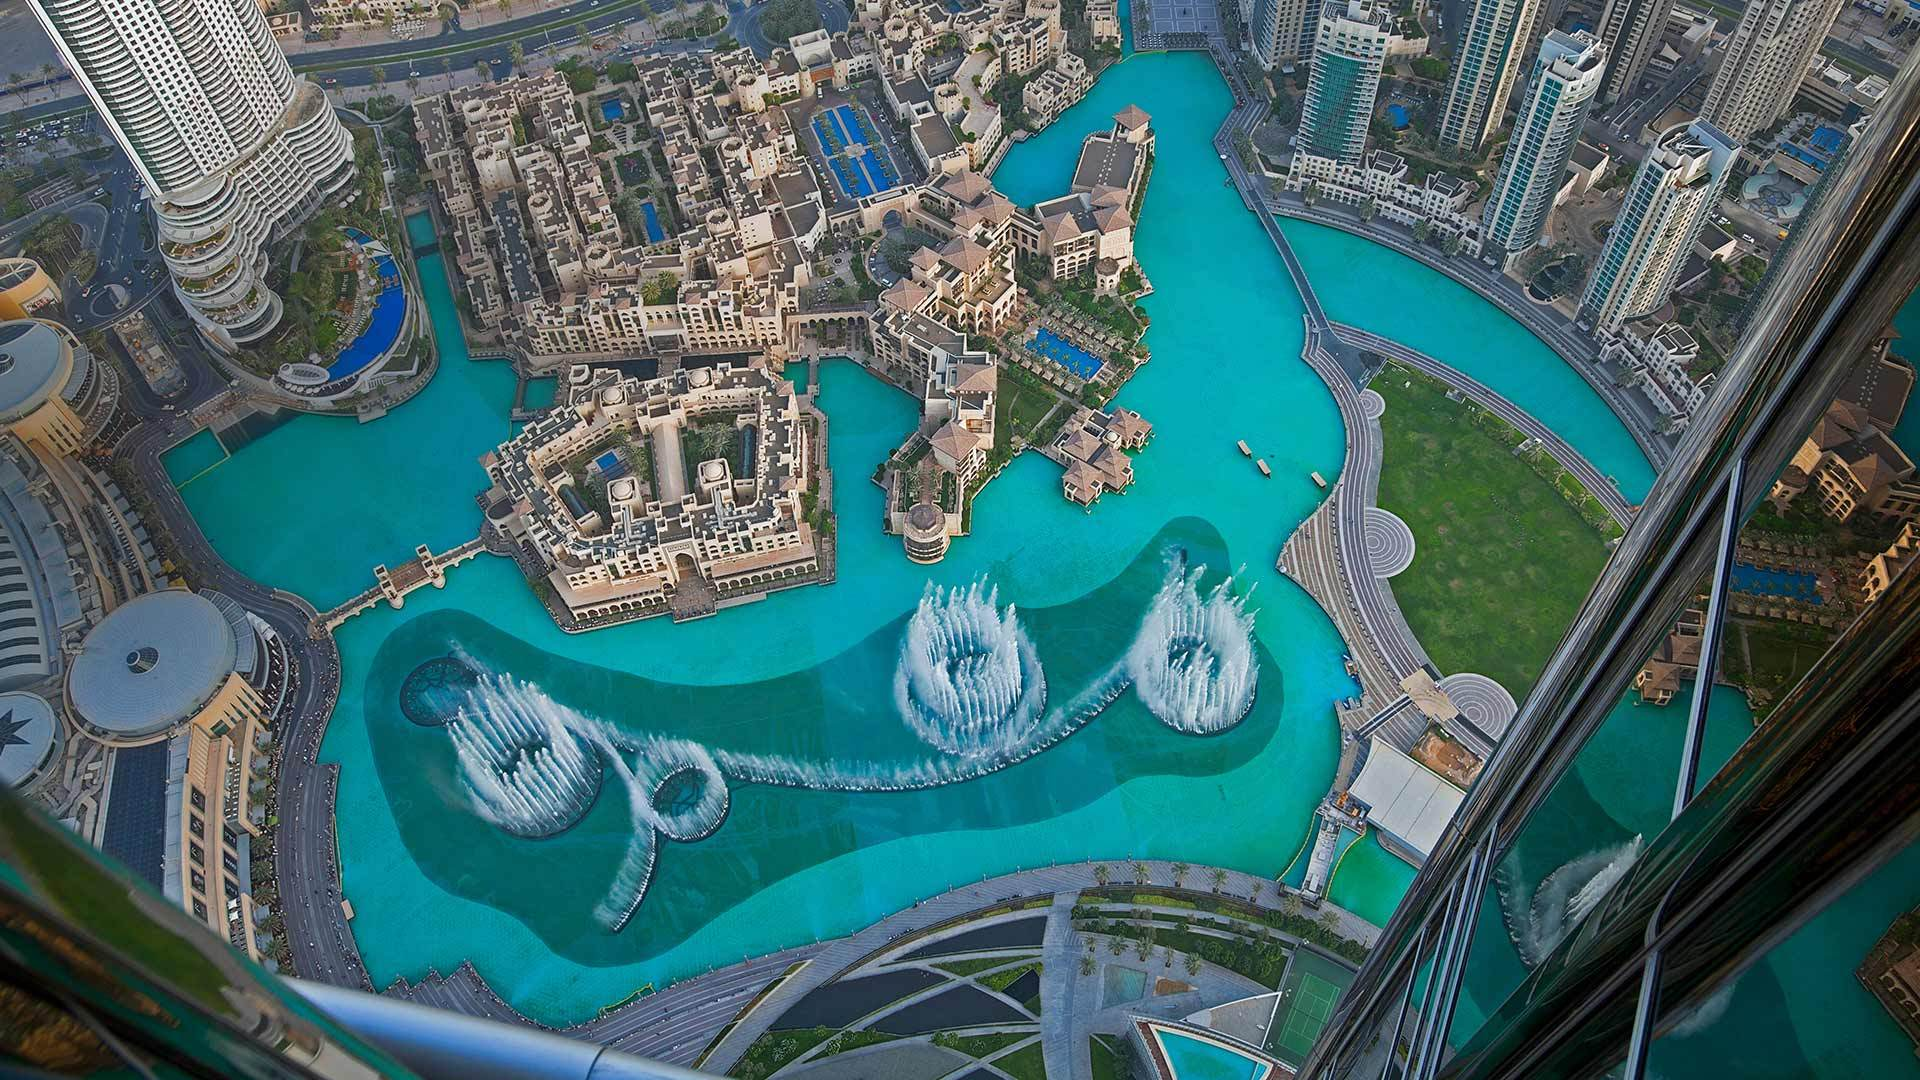 哈利法塔湖中的迪拜喷泉